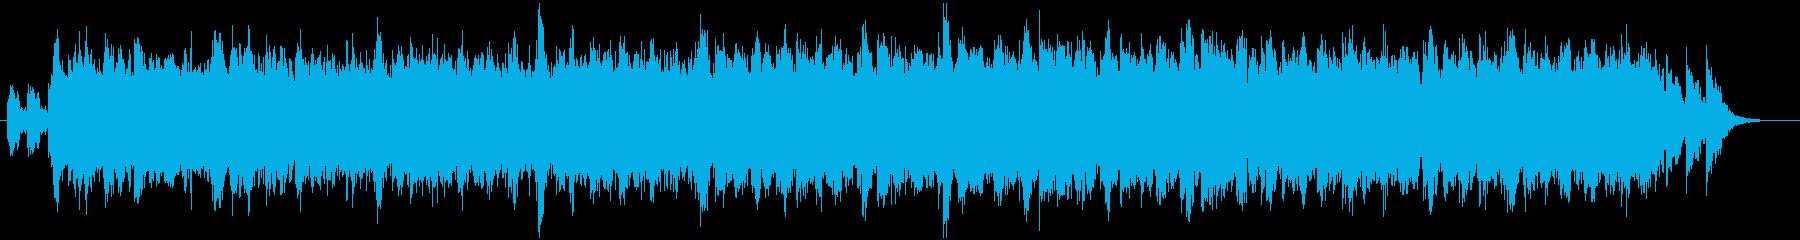 宇宙戦争後のダフトパンクの再生済みの波形